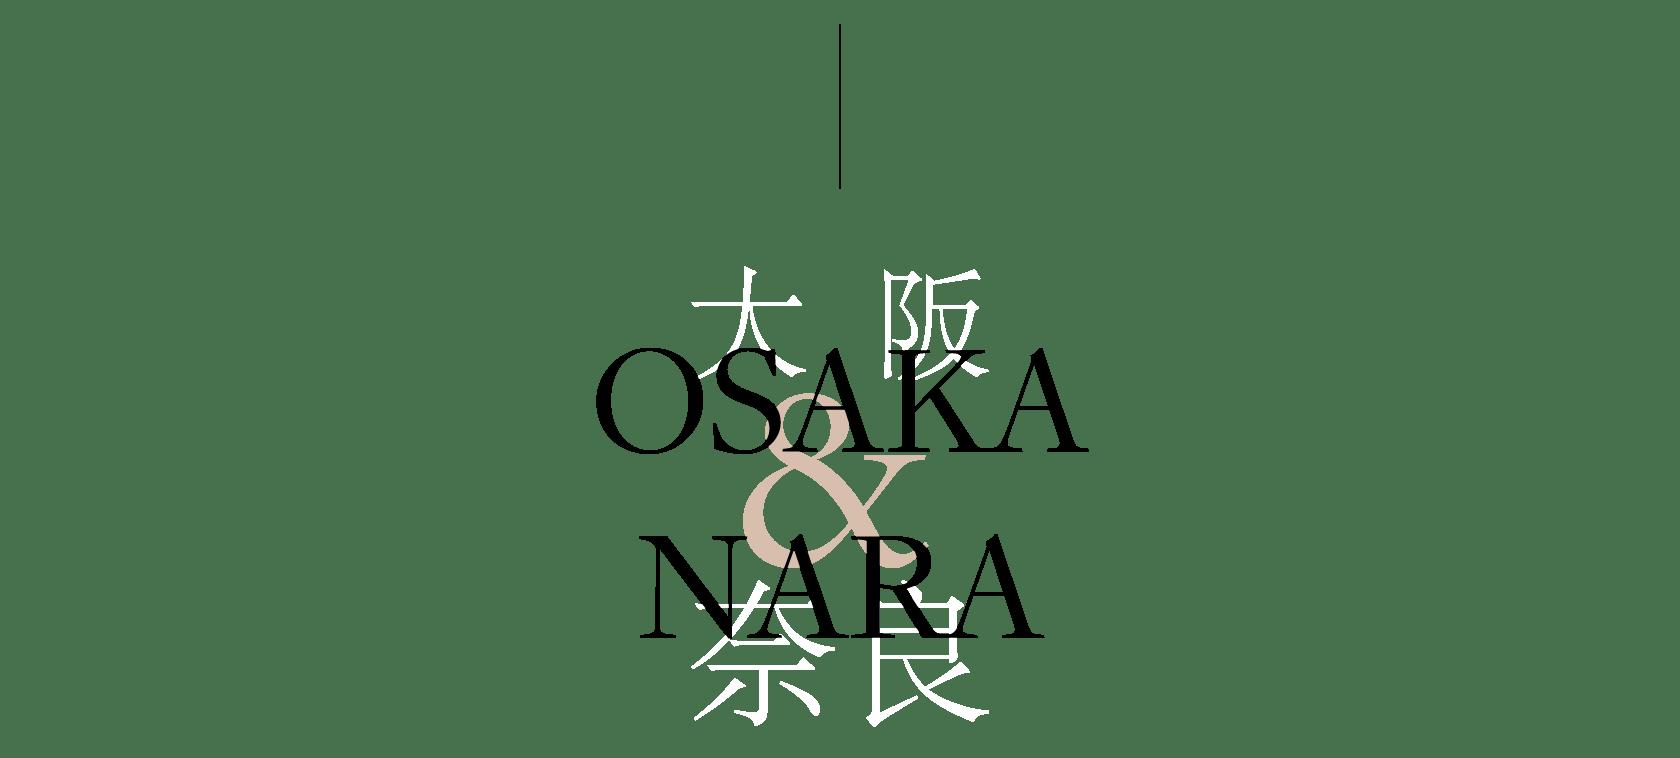 20190727_OSAKA_21.png